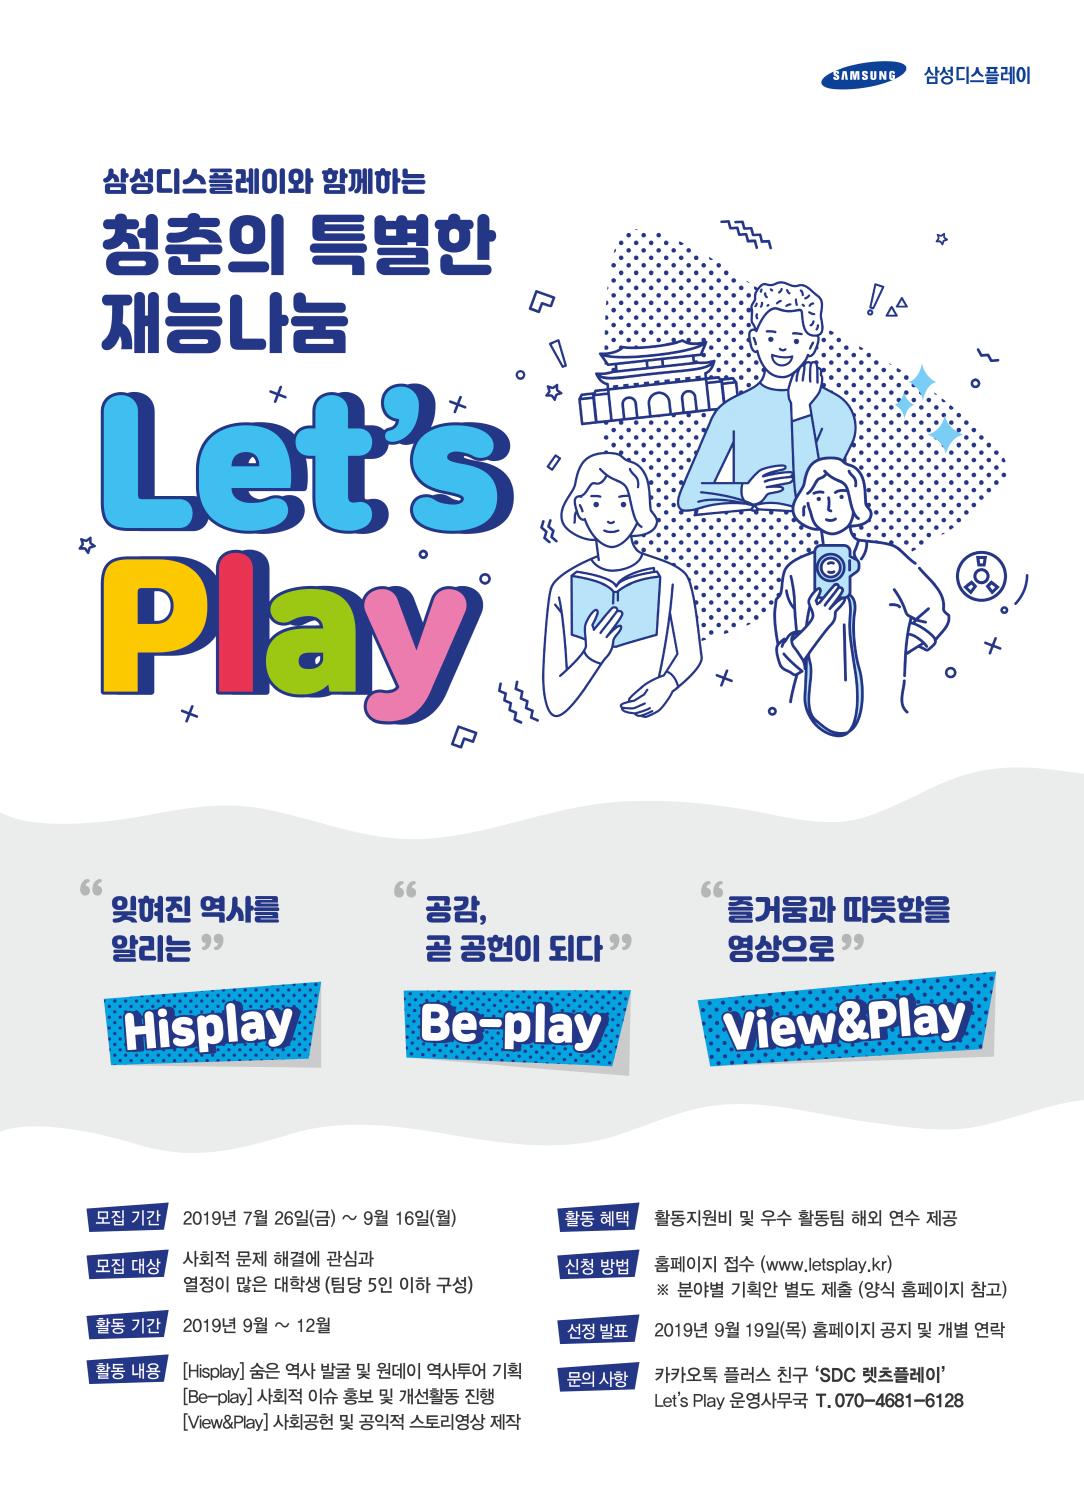 [삼성디스플레이] 청춘의 특별한 재능나눔 Let's Play